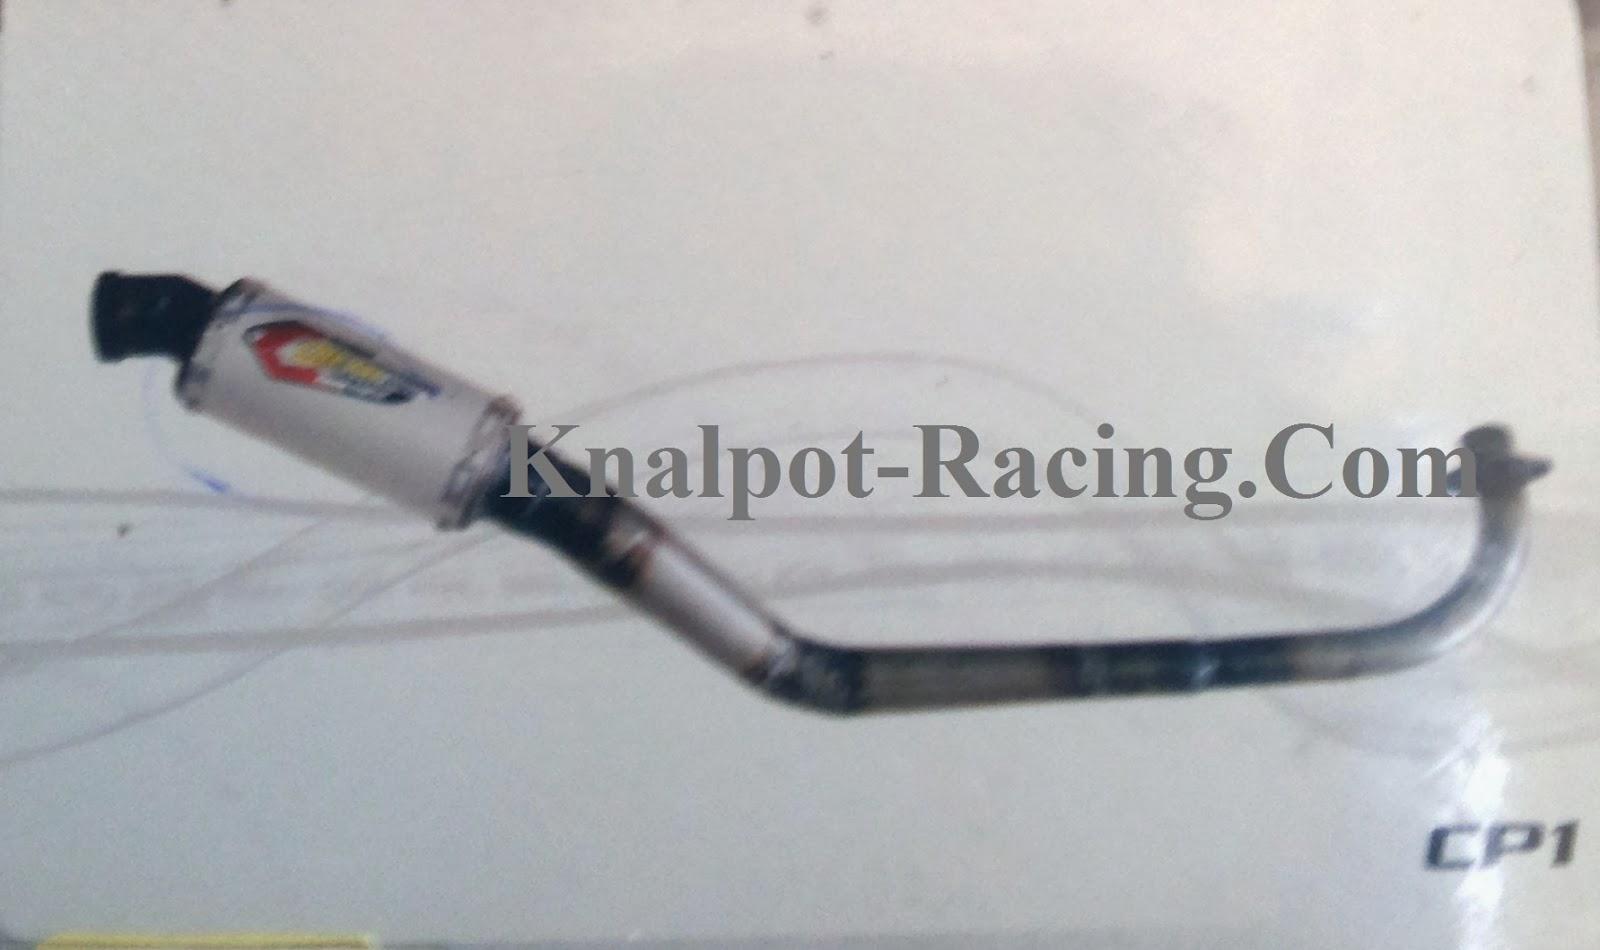 Info Knalpot Racing Daftar Harga Knalpot Creampie Jogja